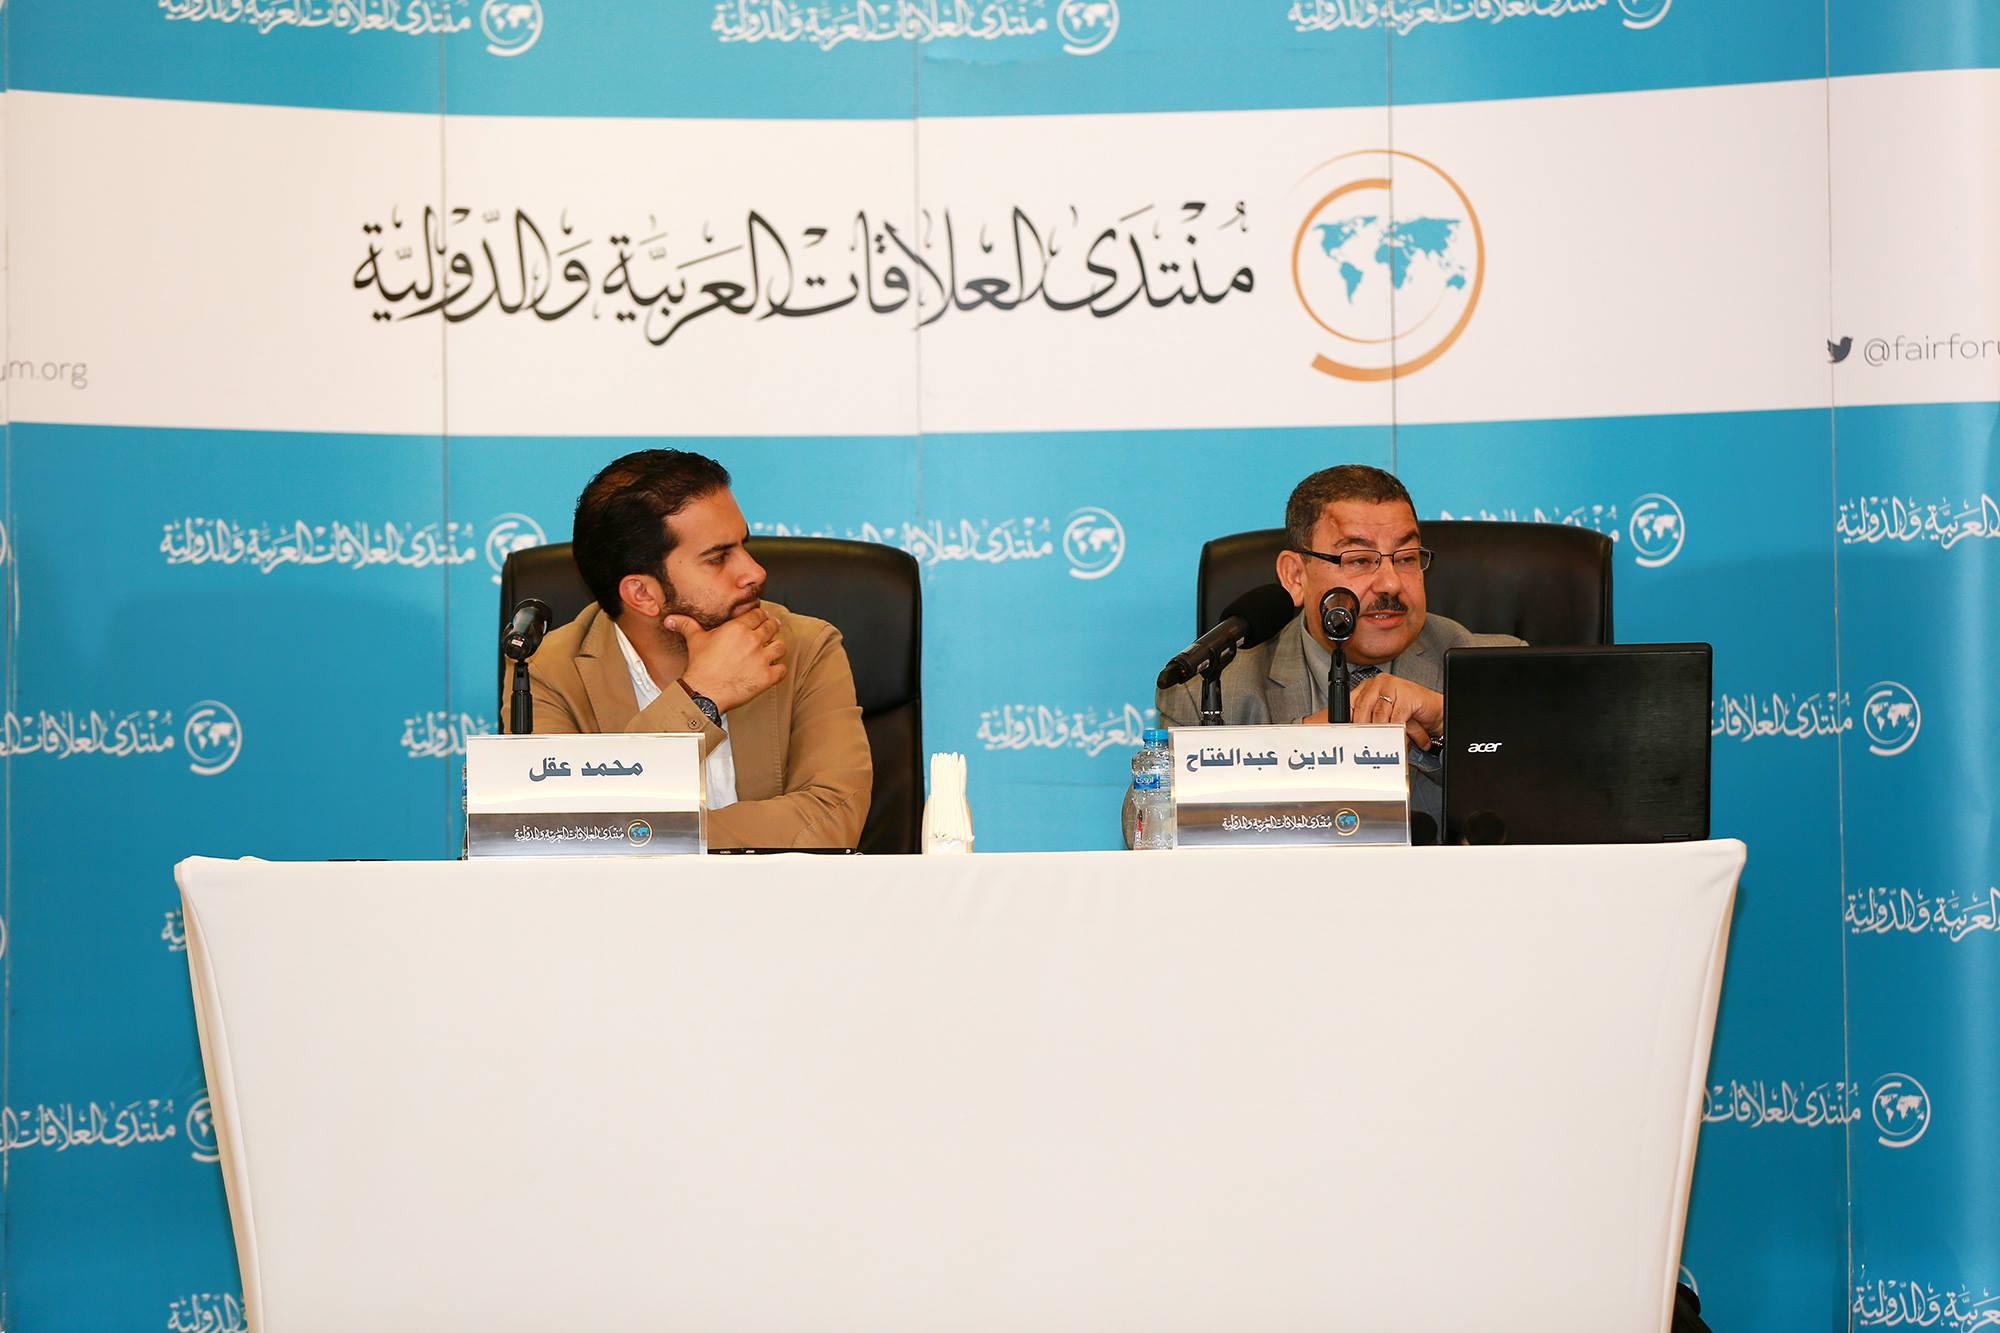 محاضرة: مصر إلى أين؟ مآلات الوضع الراهن